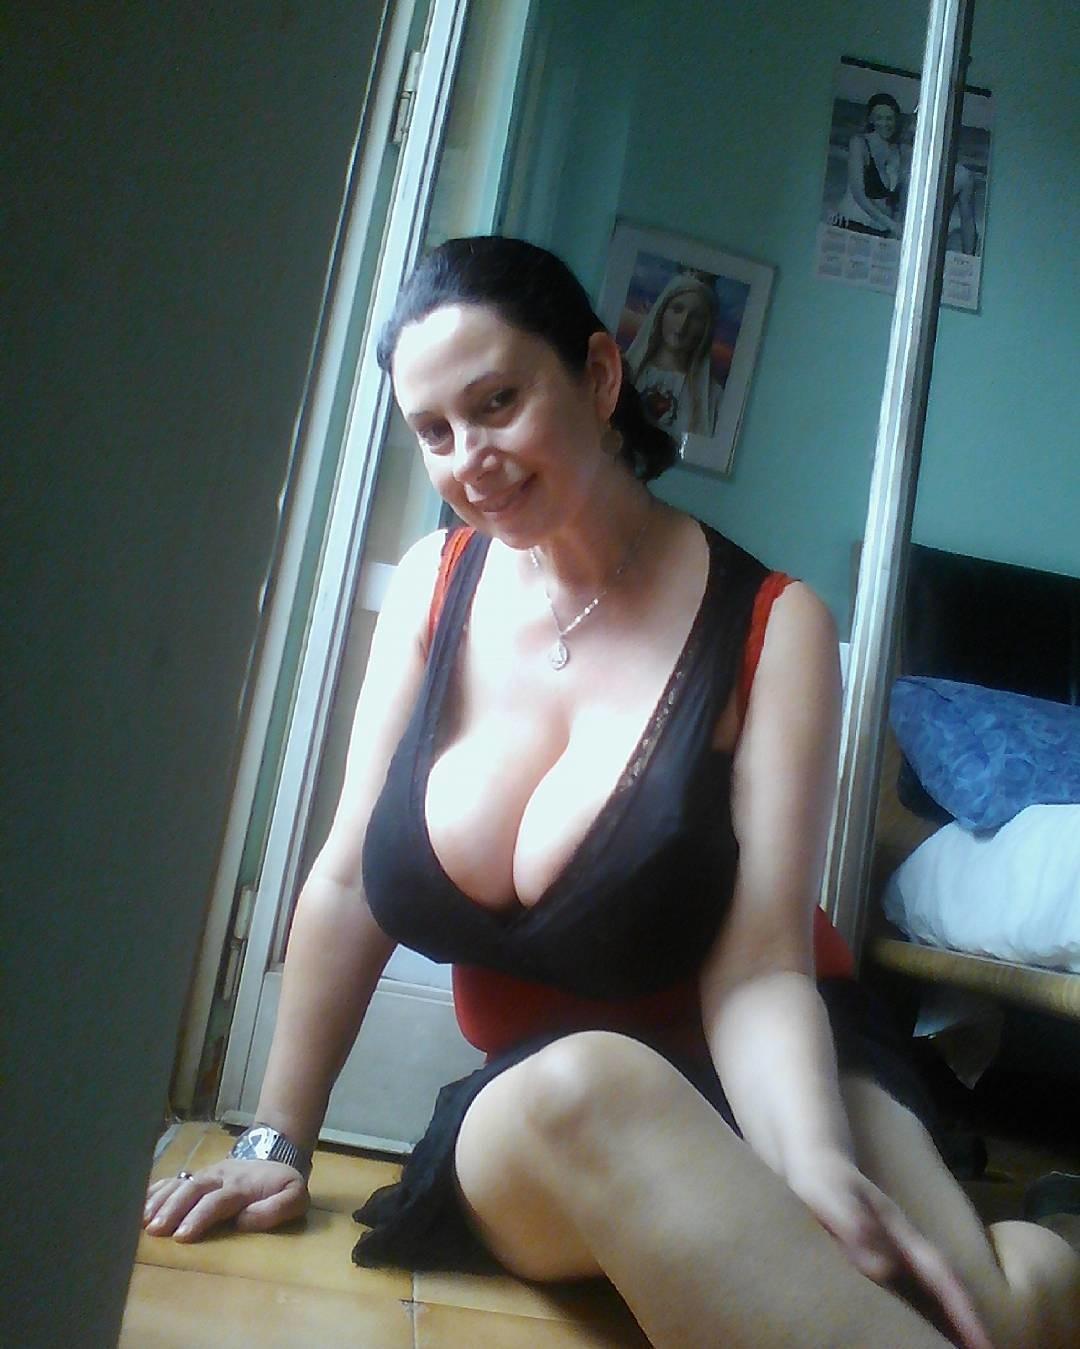 Зрелая итальянка с большими грудями (не голая)